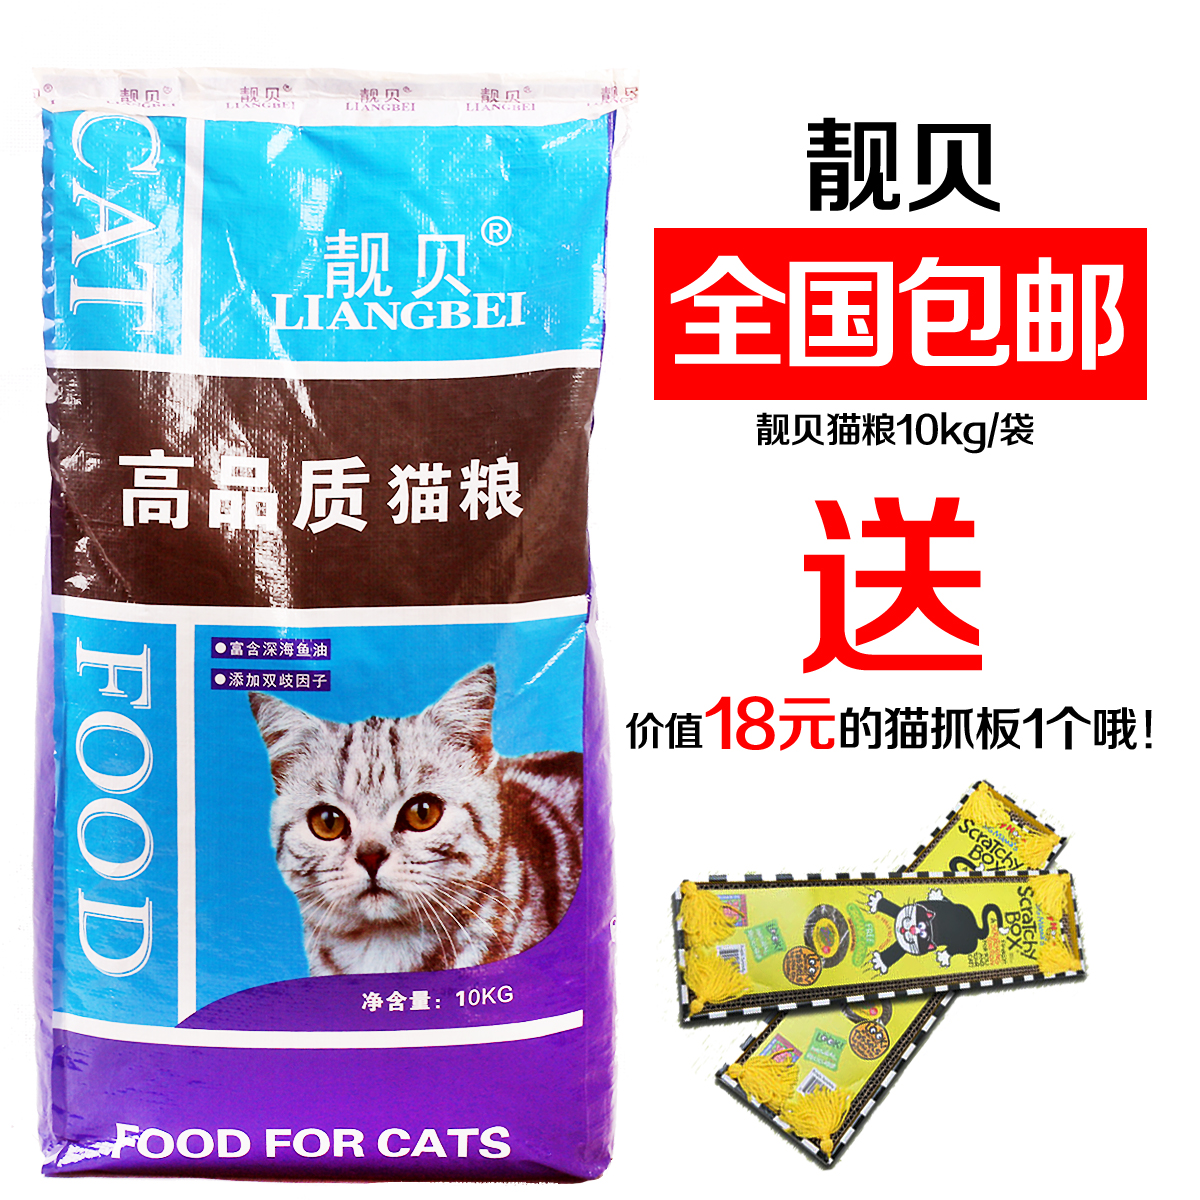 艾尔猫粮_靓贝猫粮包邮海洋鱼艾尔猫粮10kg天然成猫猫粮幼猫猫粮幼猫粮老猫